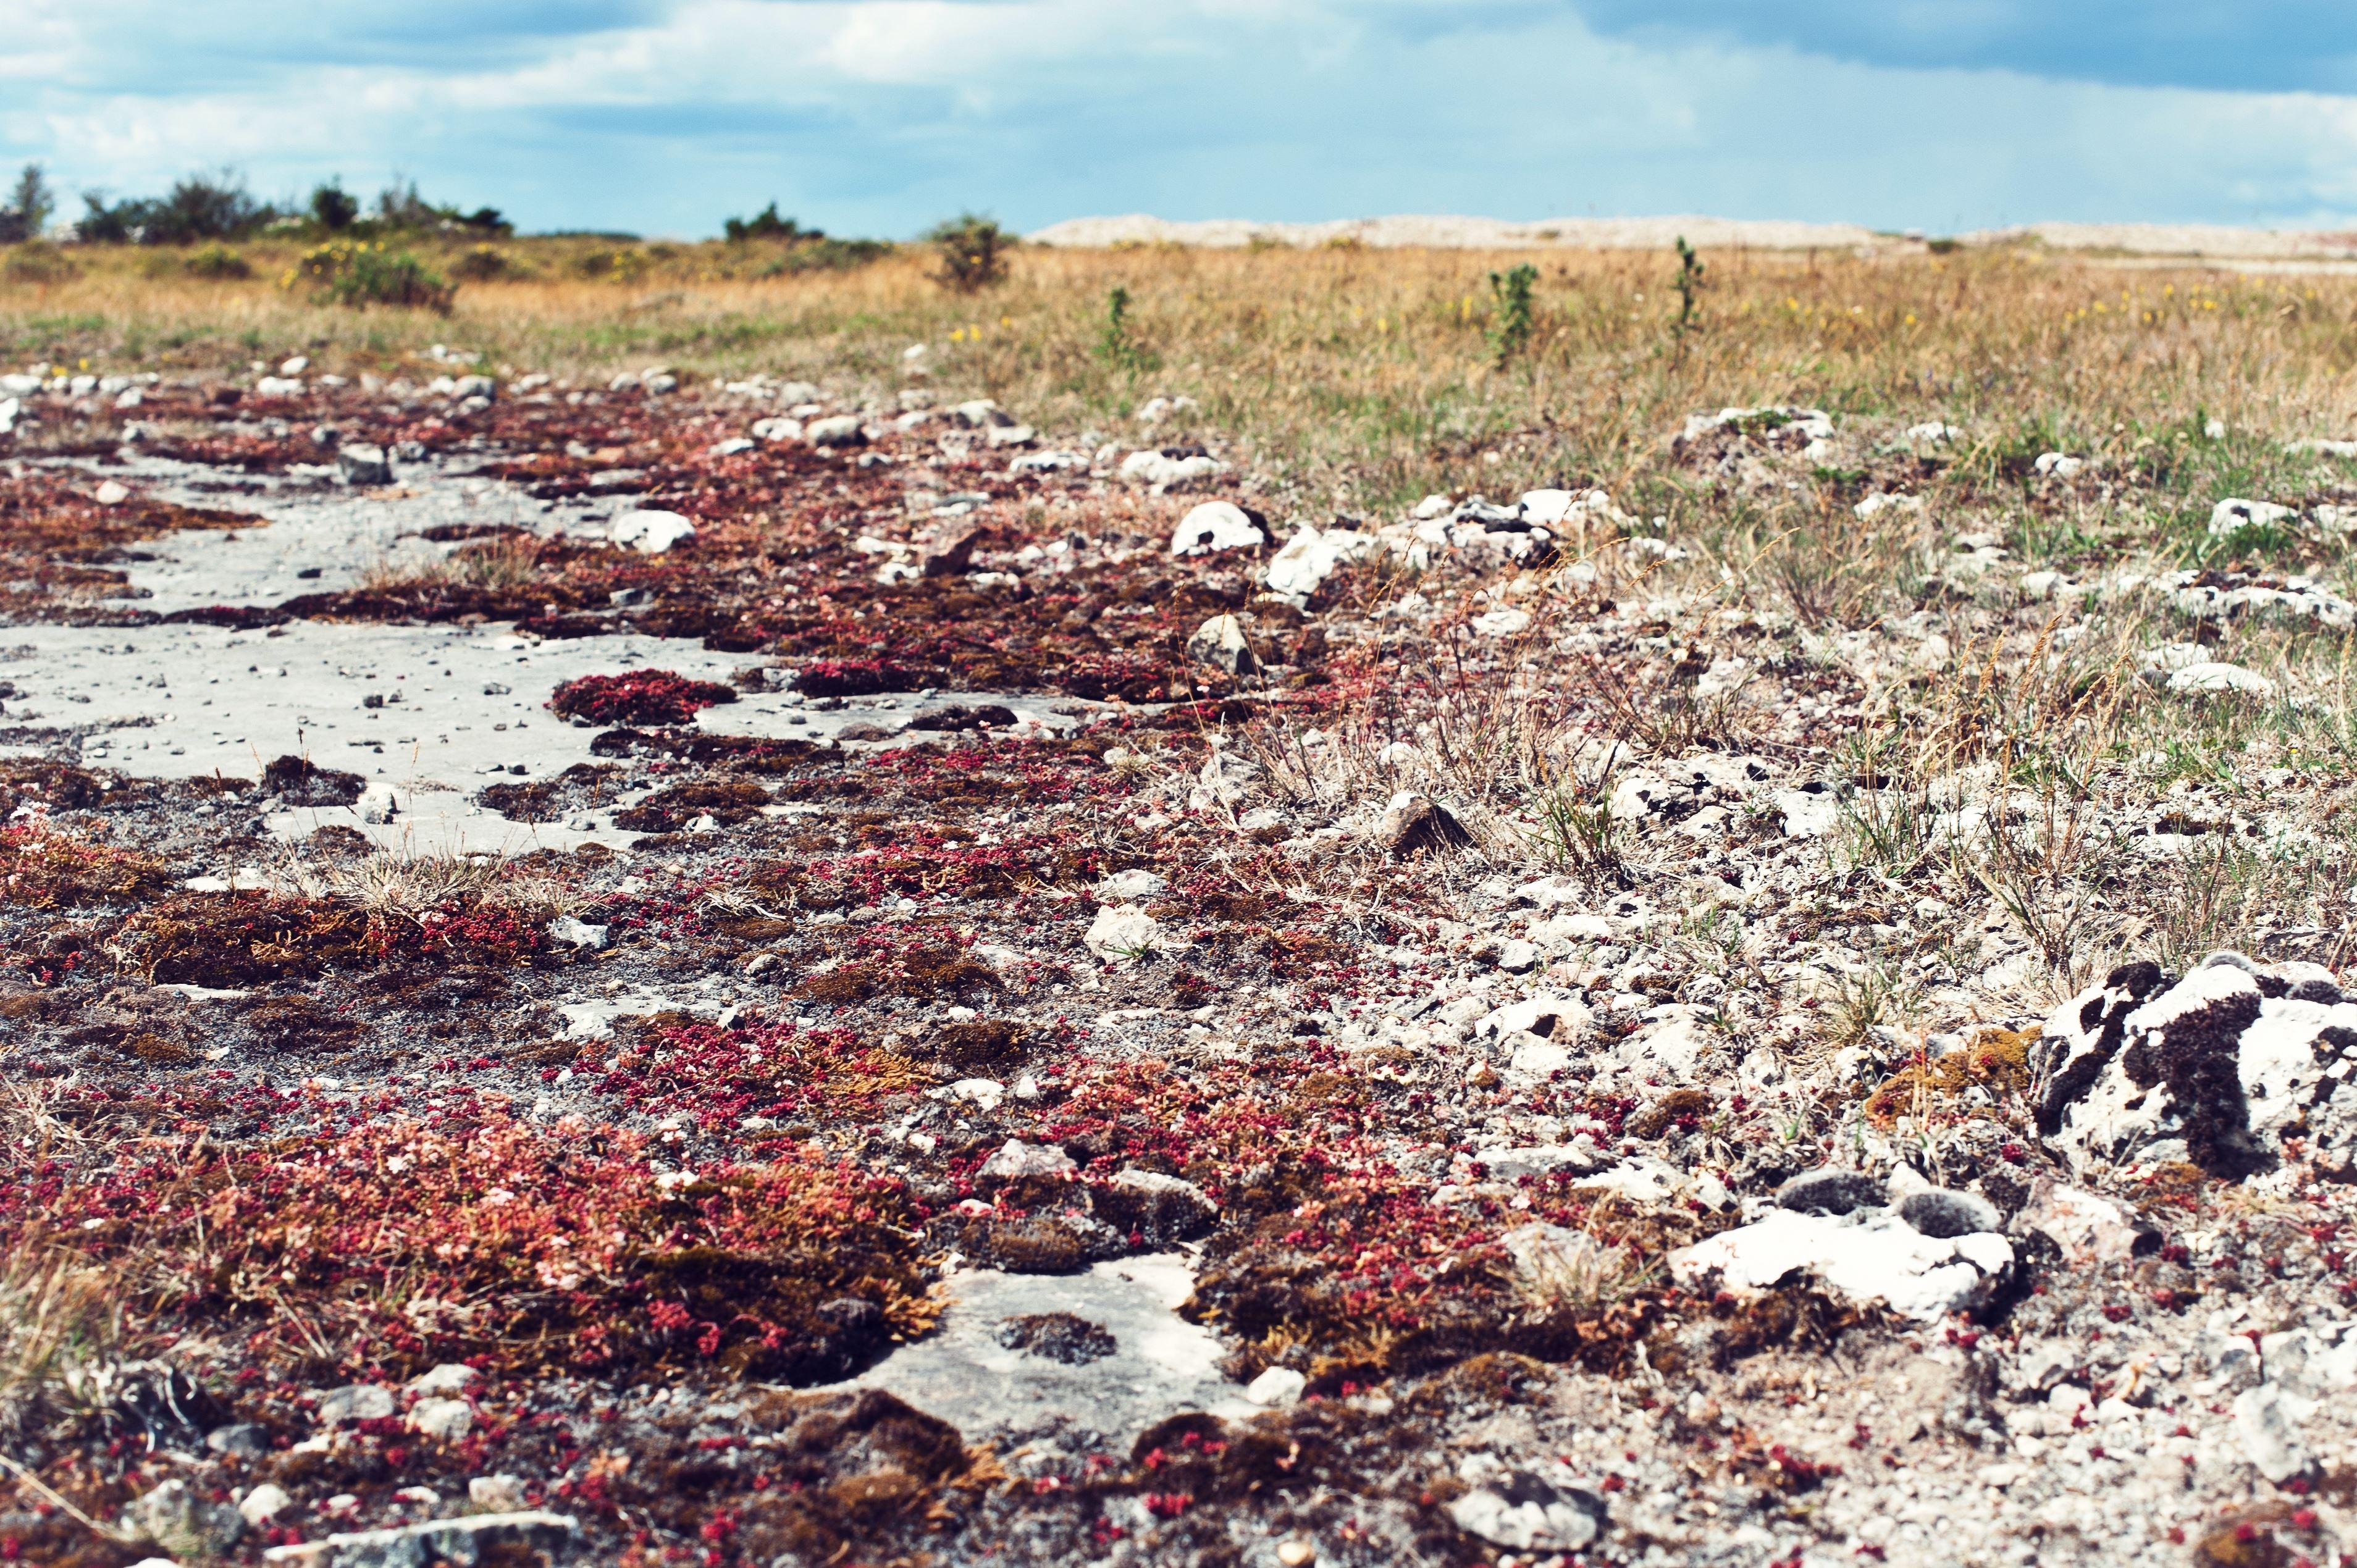 Matvandring i världsarvet – Södra Ölands Odlingslandskap.